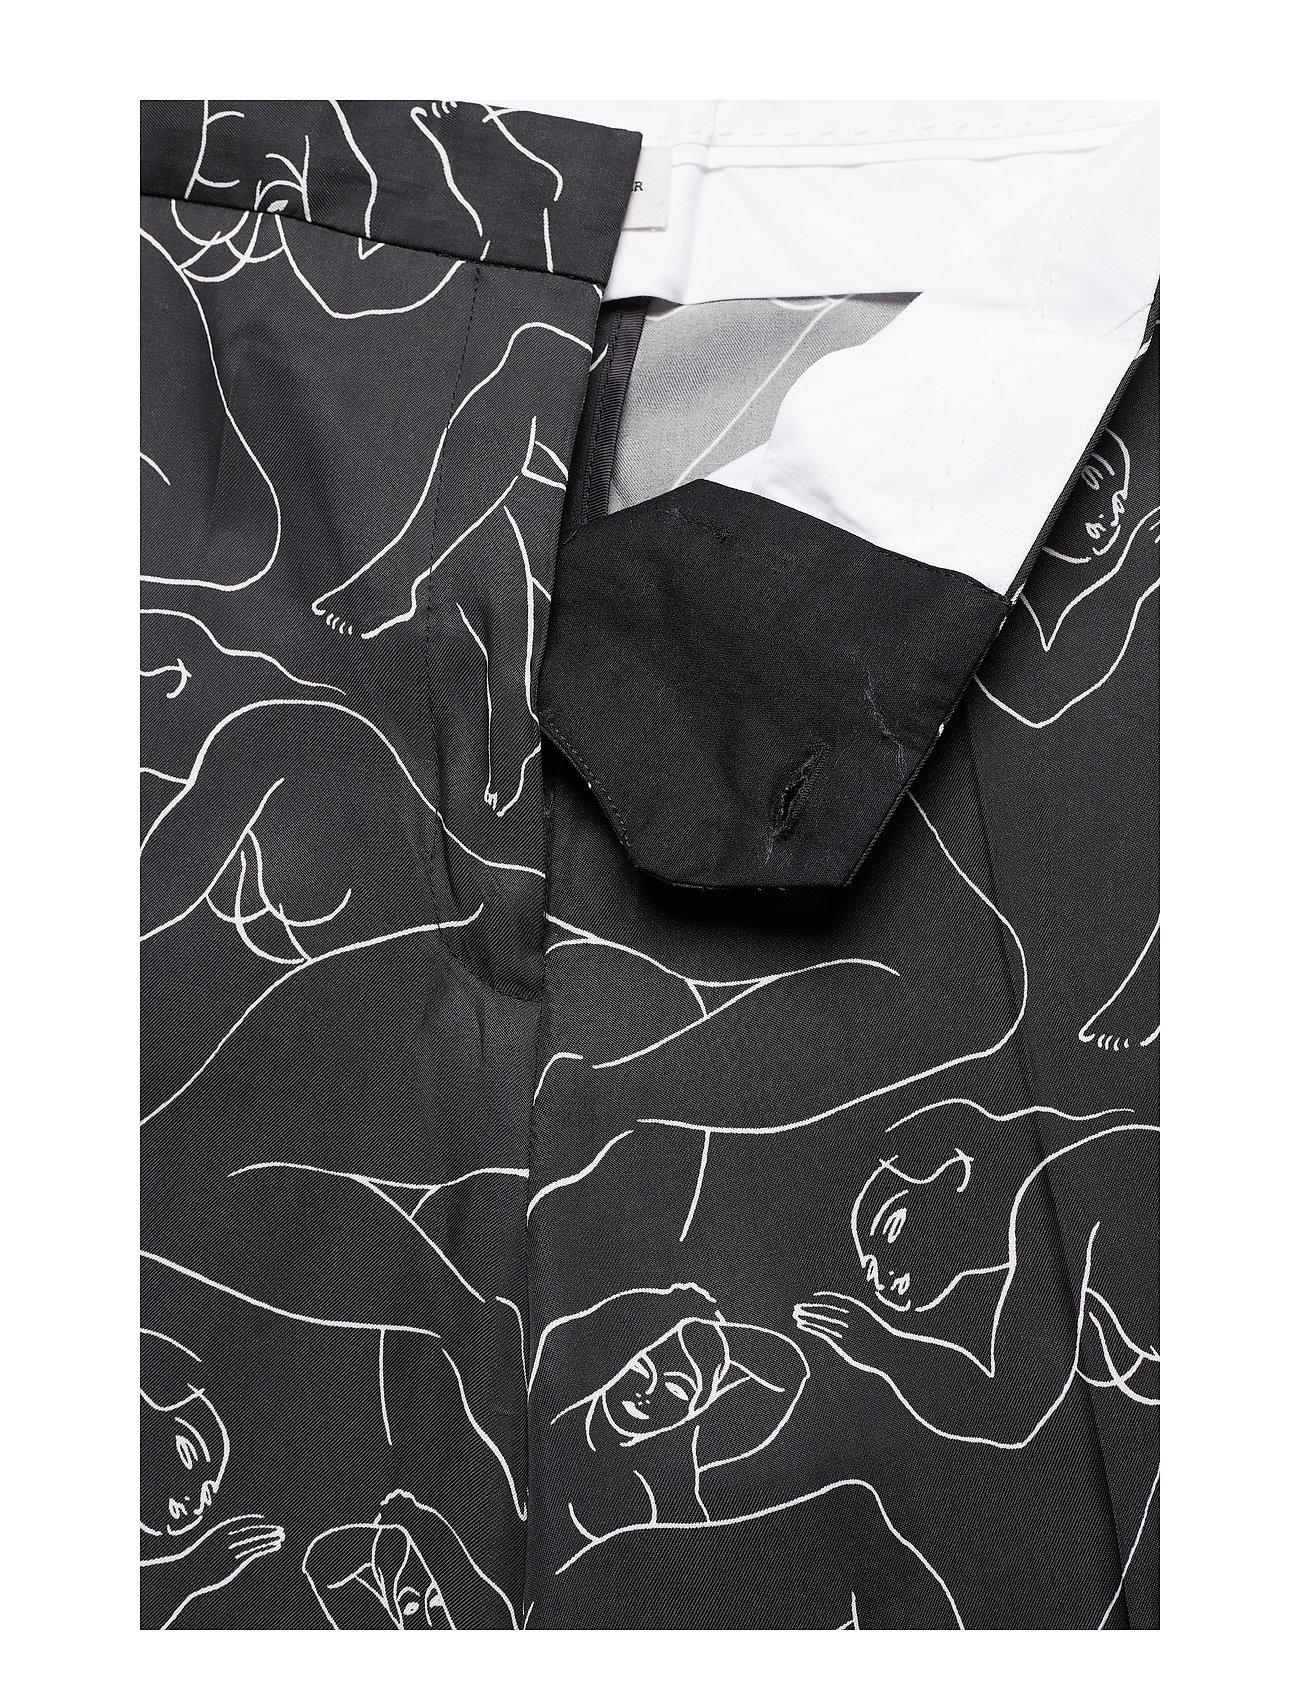 Pan1001s91 (Black) (1319.60 kr) - By Malene Birger